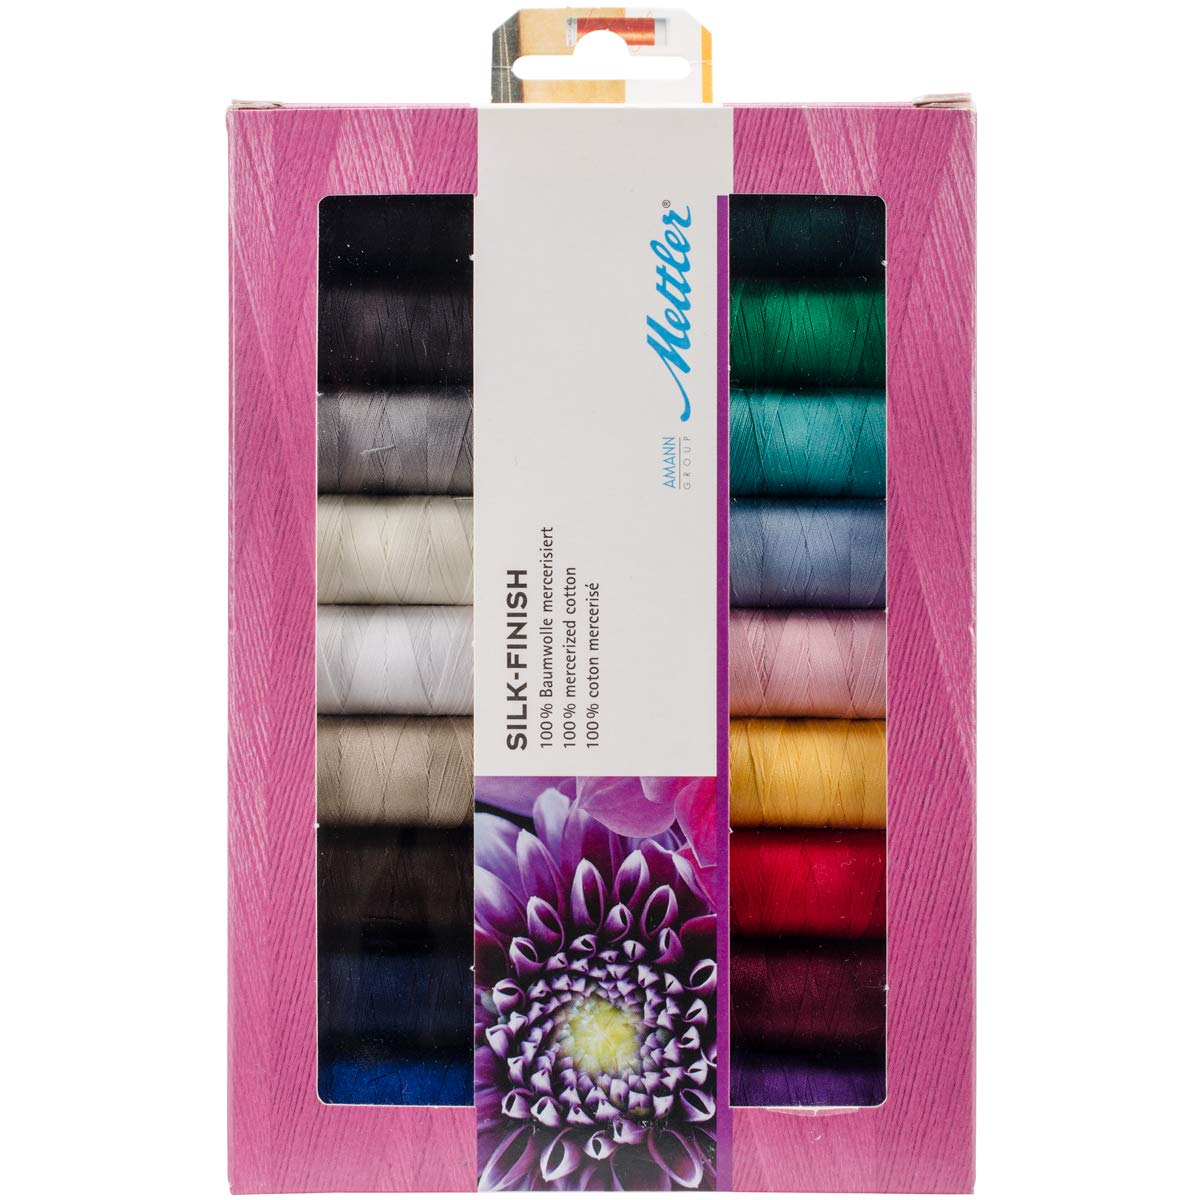 Mettler SFC18-KIT Silk Finish Cotton Thread Gift Pack 18/Pkg, White by Mettler